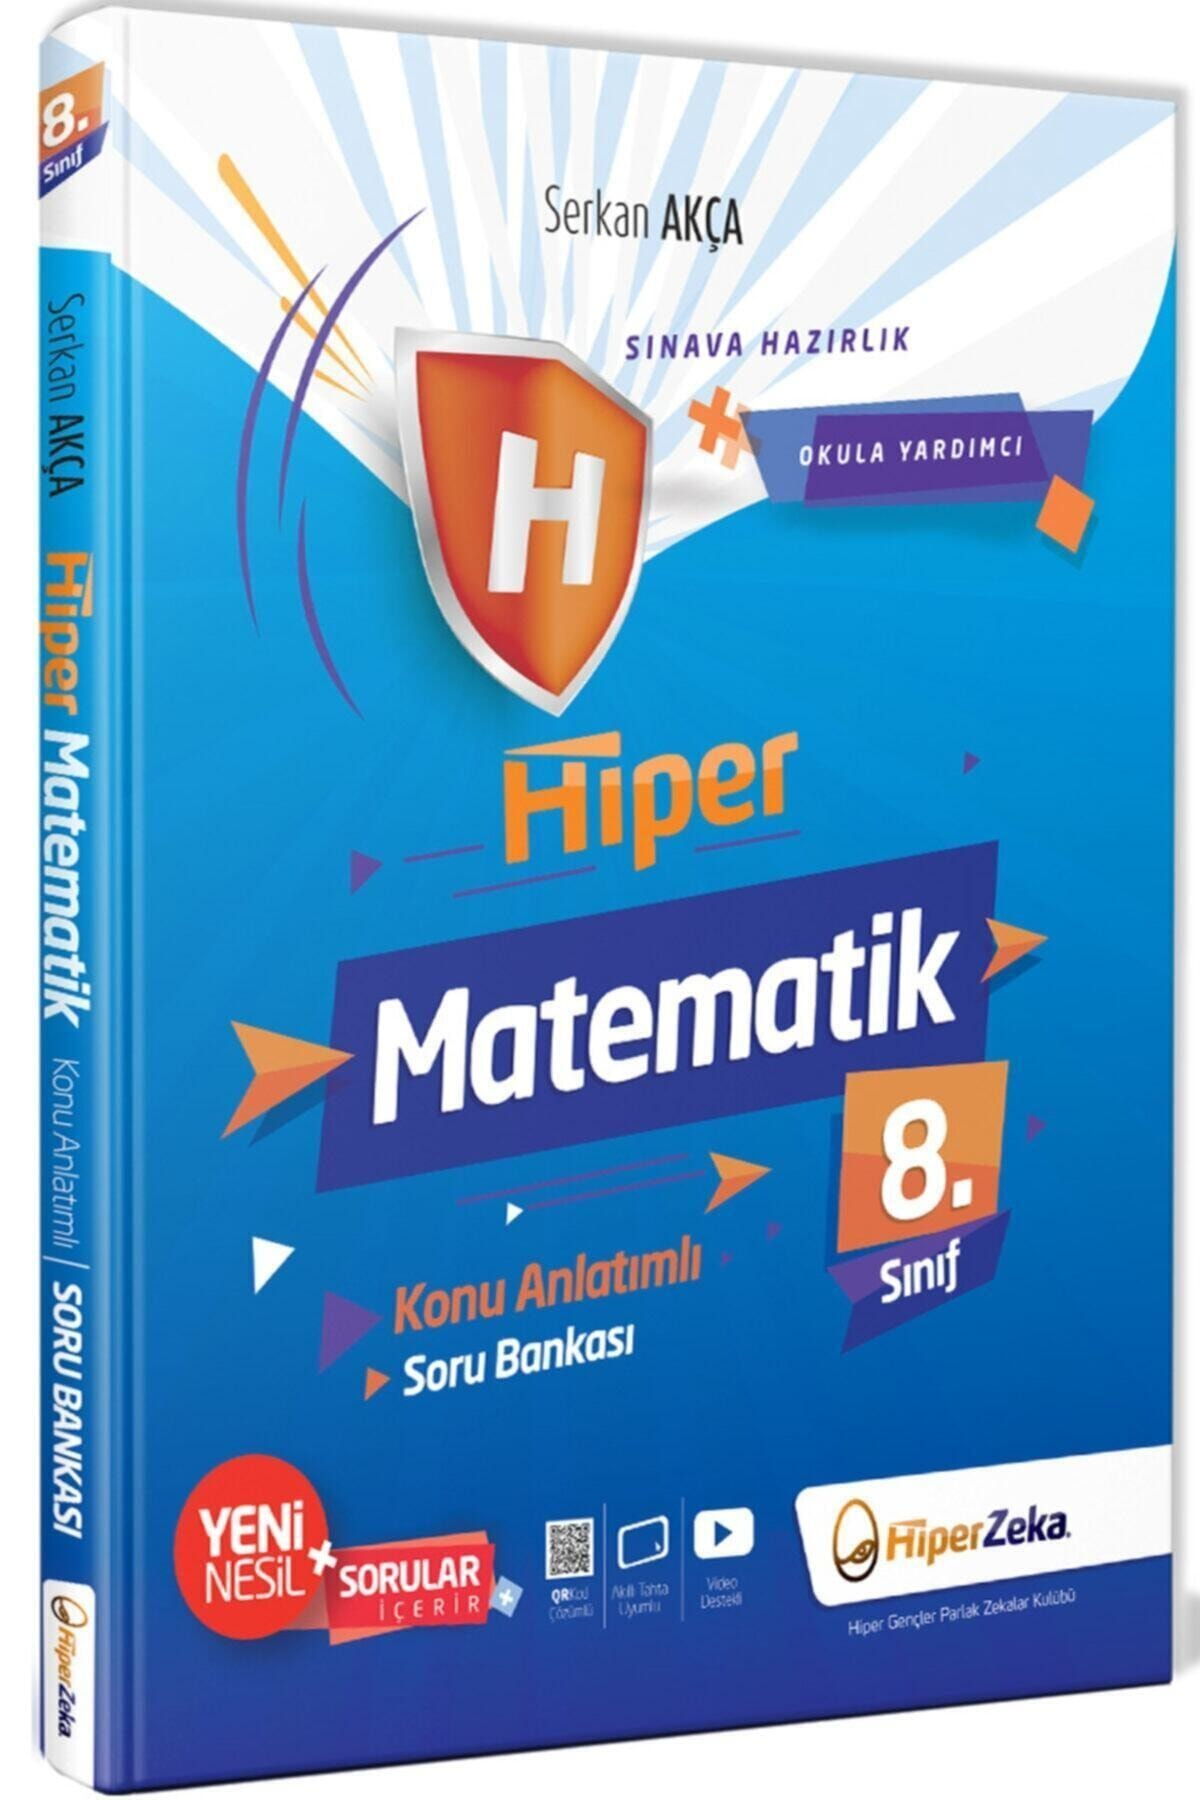 Hiper Zeka Yayınları 8. Sınıf Matematik Konu Anlatımlı & Soru Bankası 1